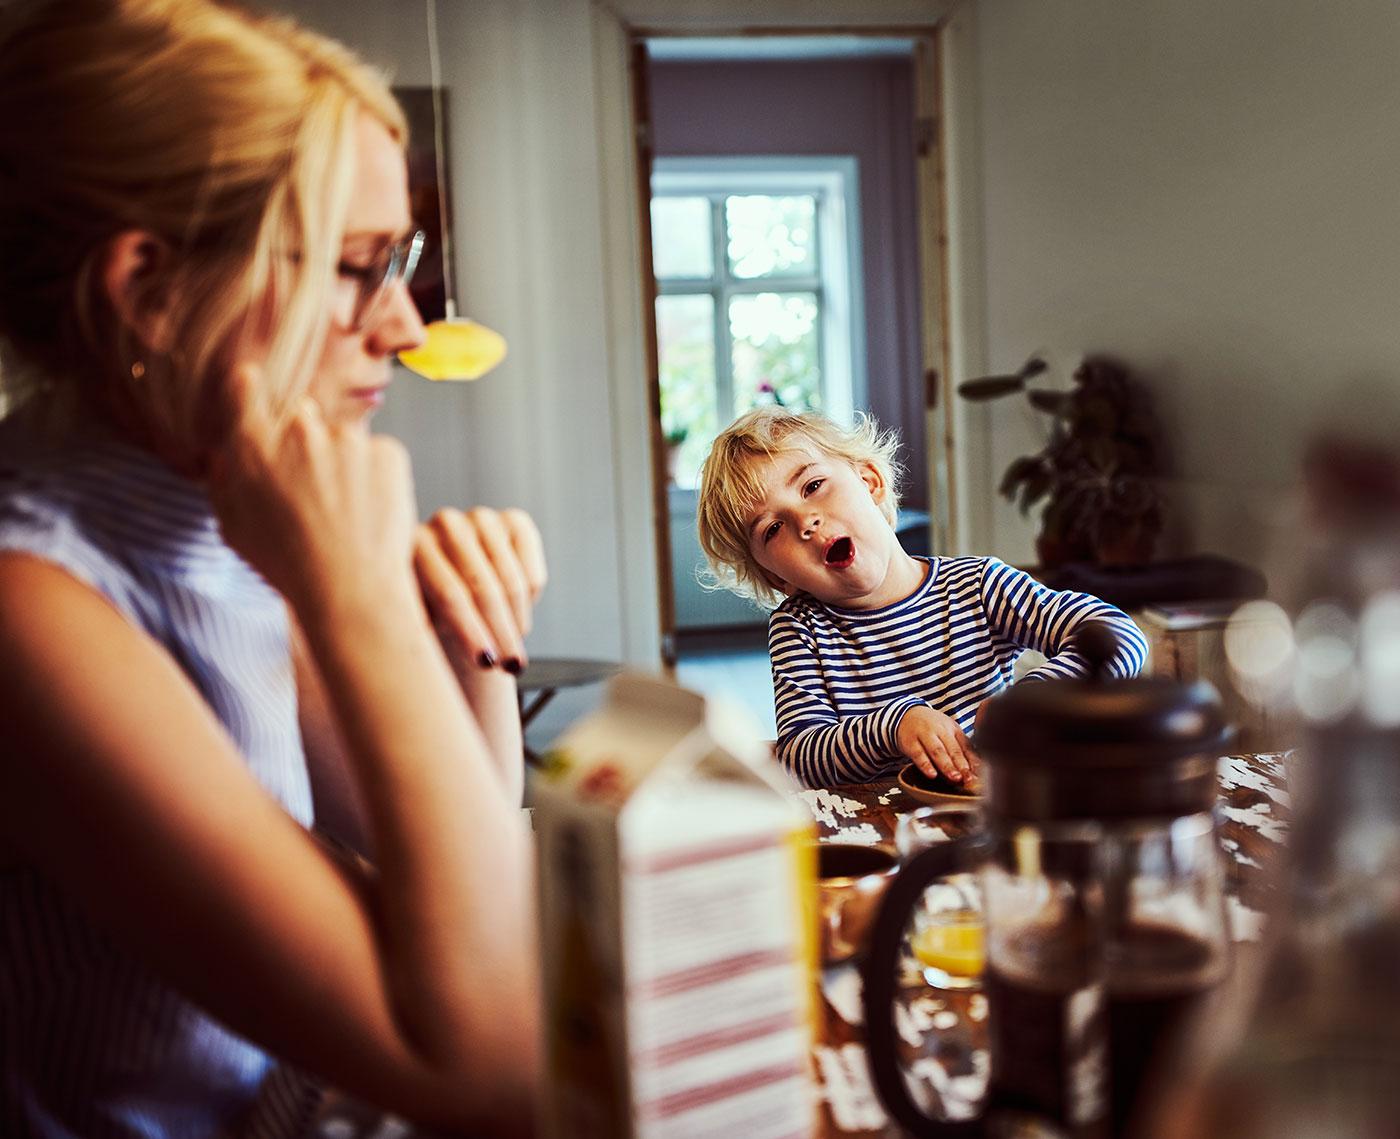 Foto af hverdagssituation ved spisebordet hos en familie. Et barn smiler og fjoller.